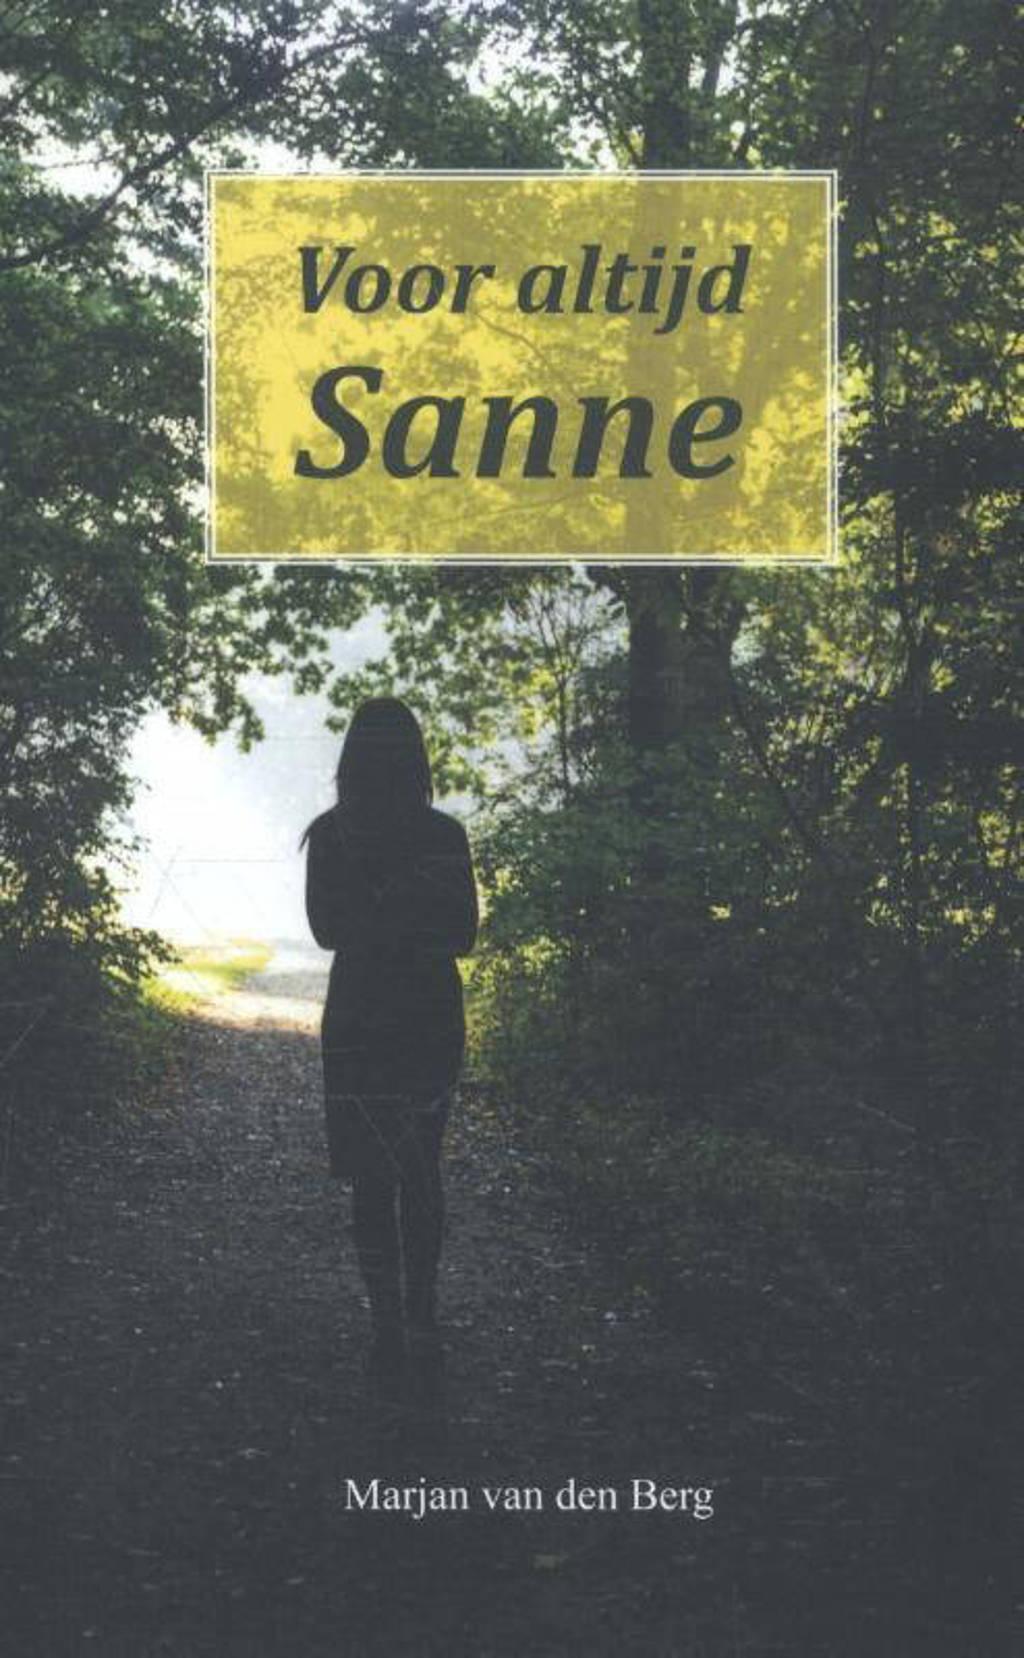 Sanne: Voor altijd Sanne - Marjan van den Berg